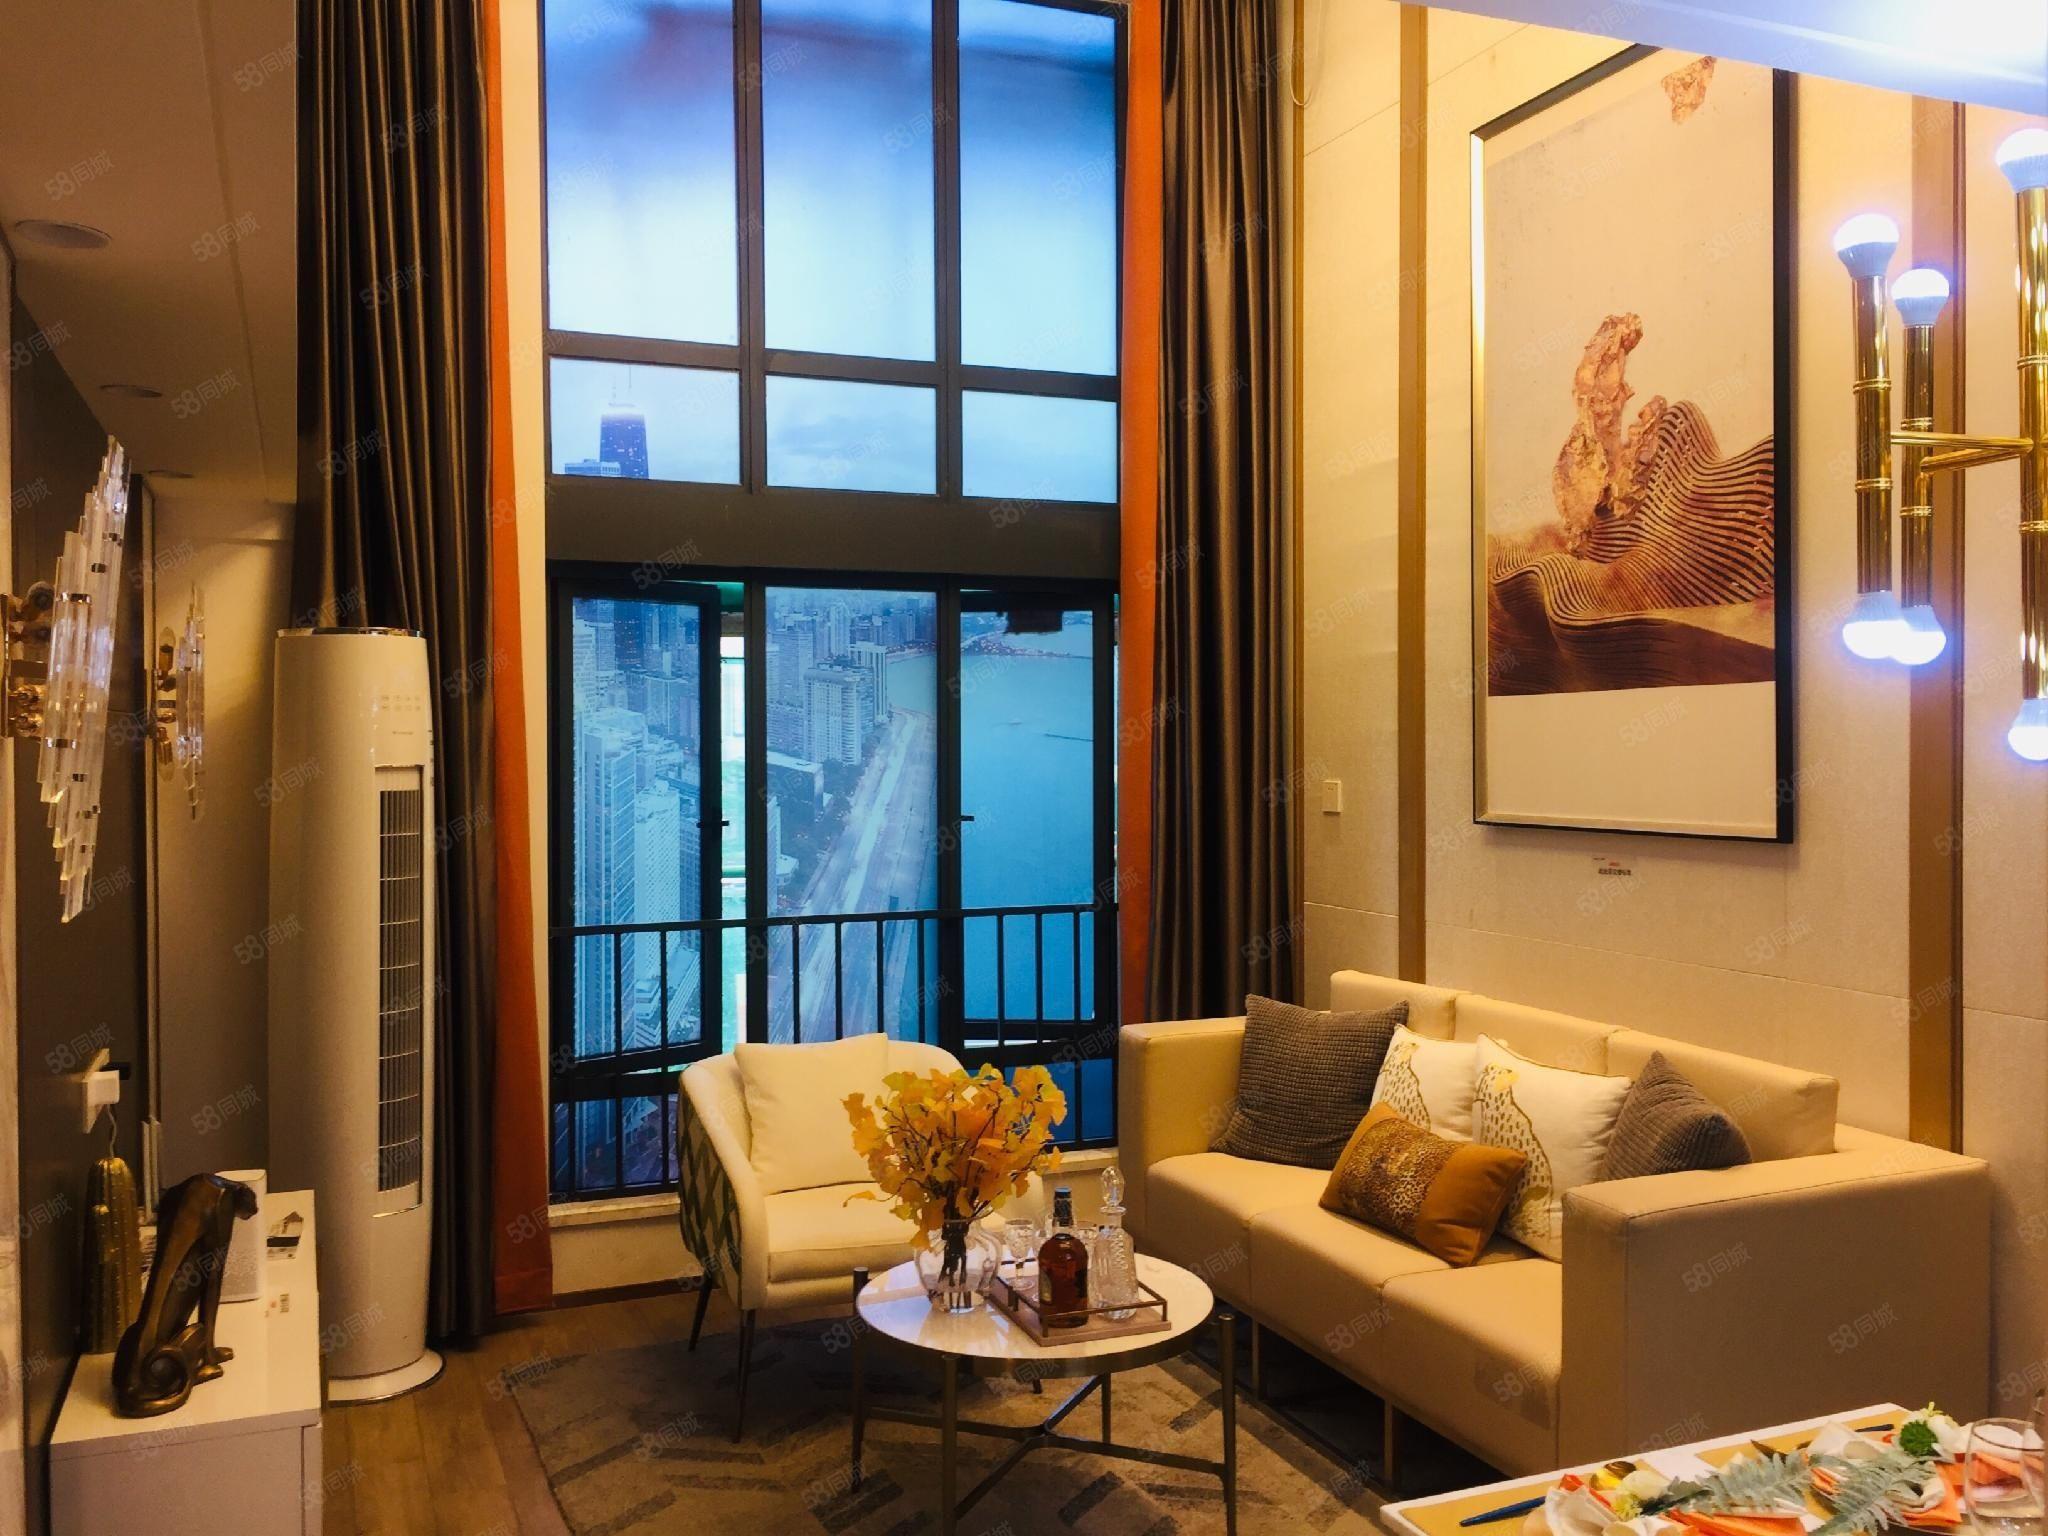 台 灞 高鐵加地鐵商圈,價38萬起買4房,65萬4房,奧園!